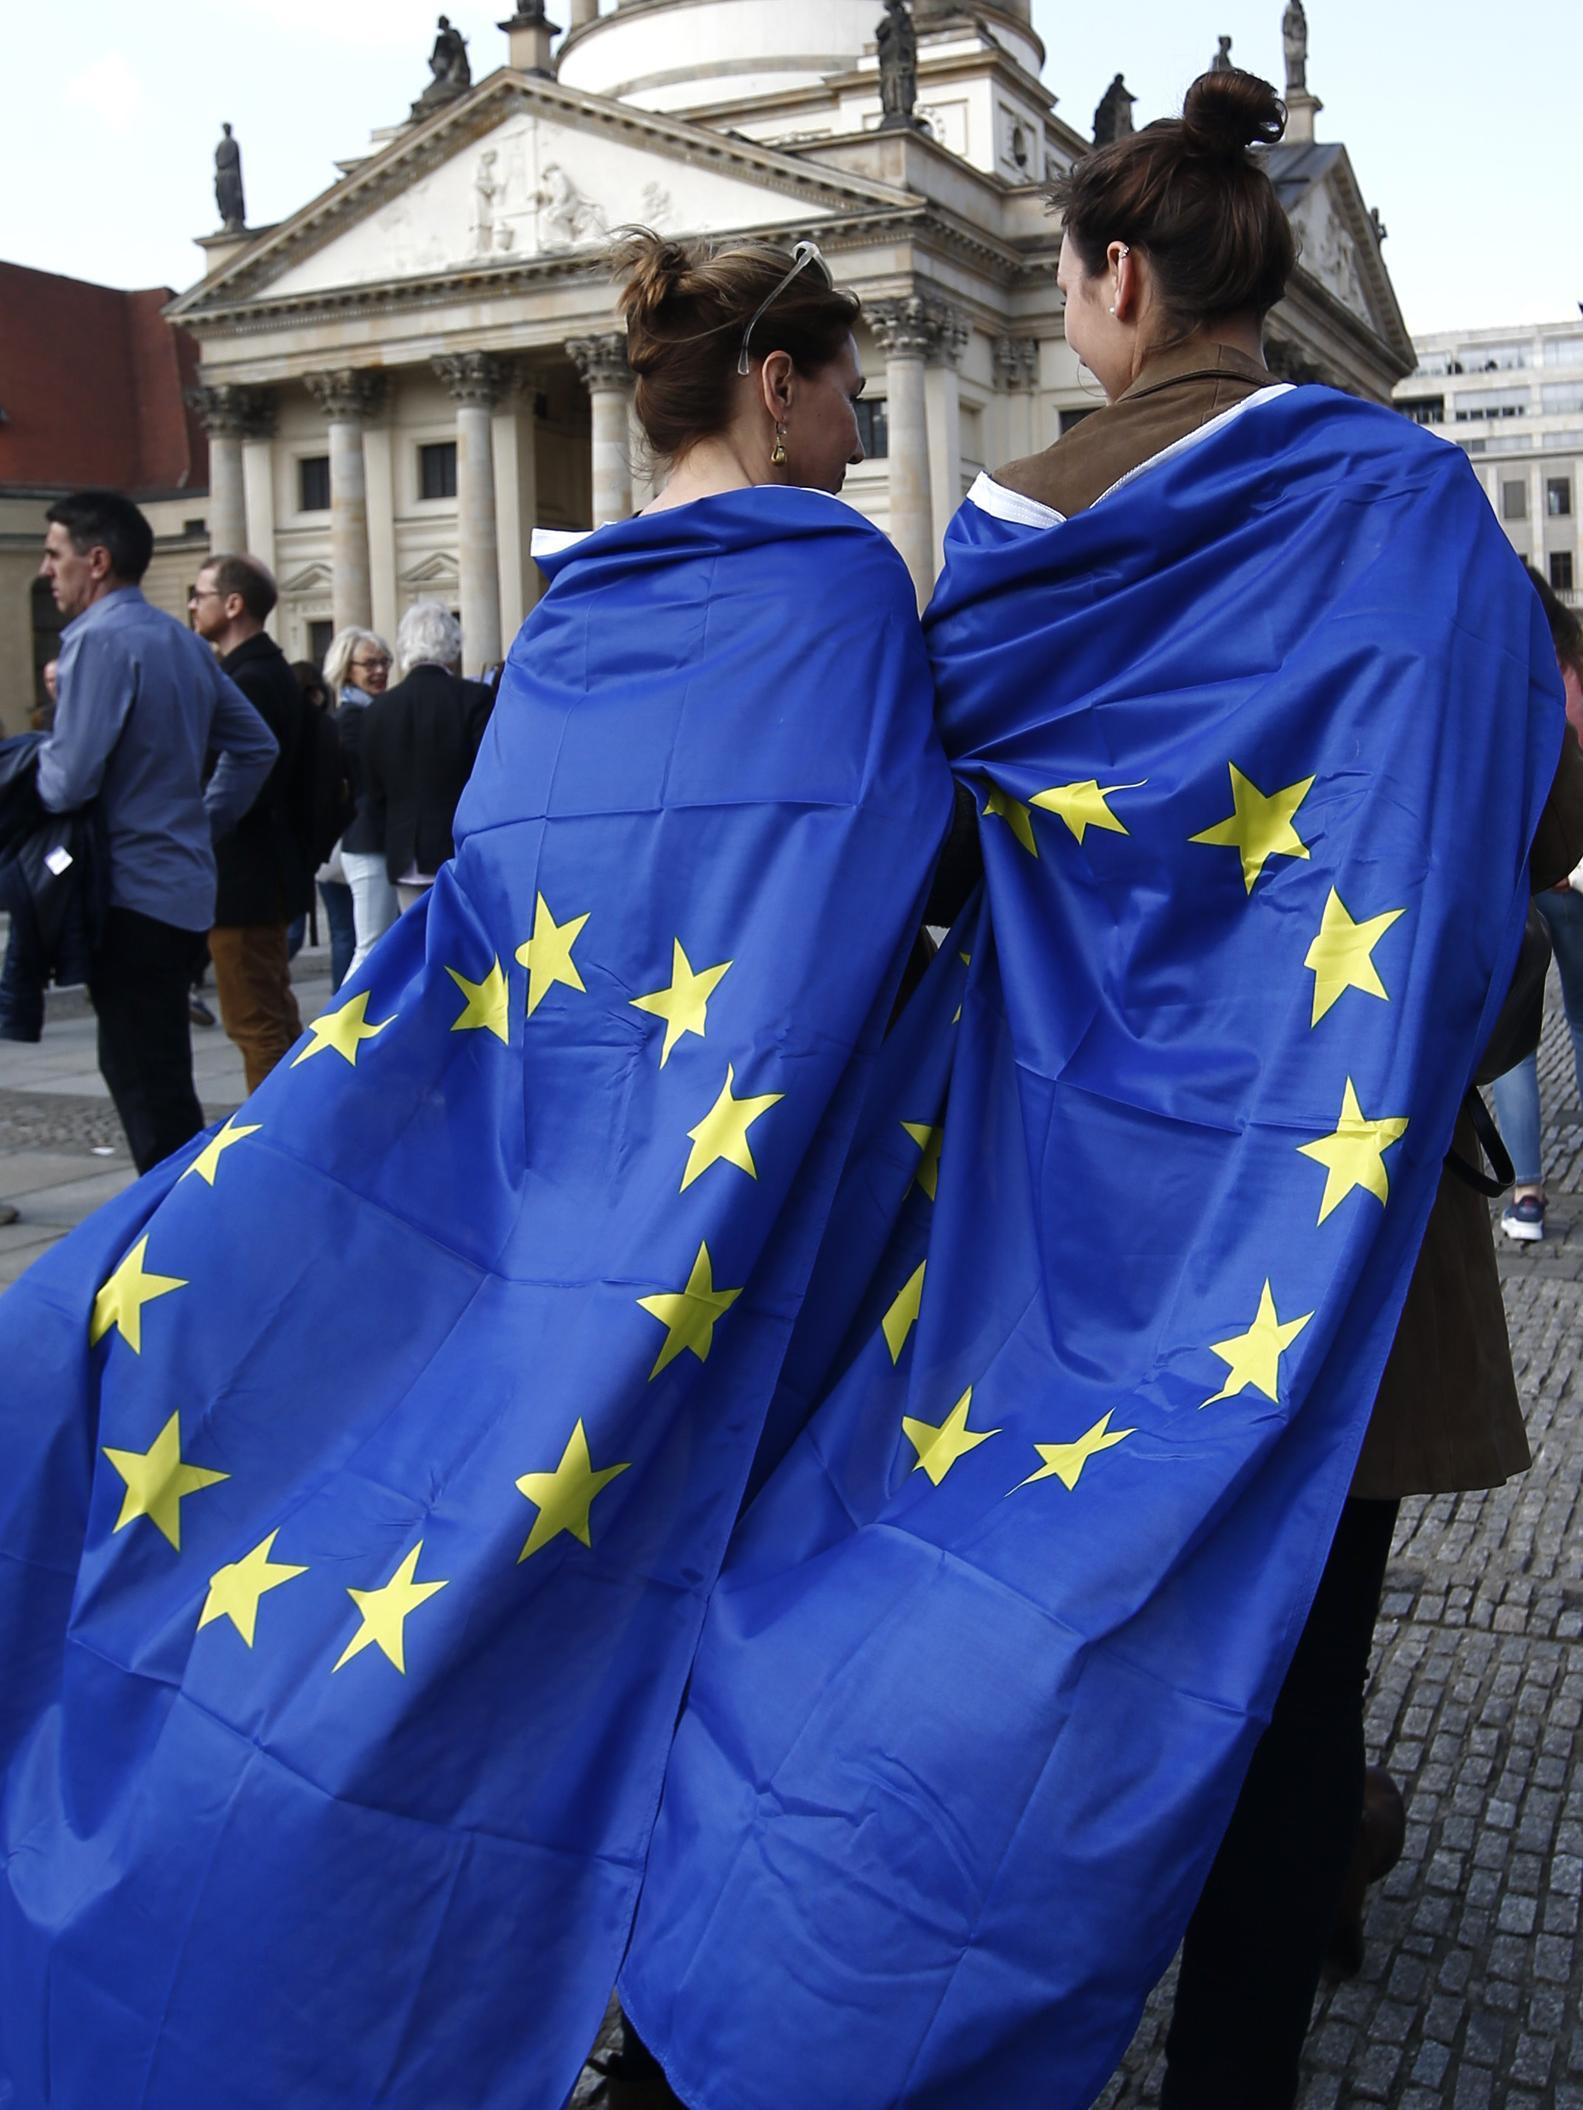 Liebe EU, ich bin enttäuscht